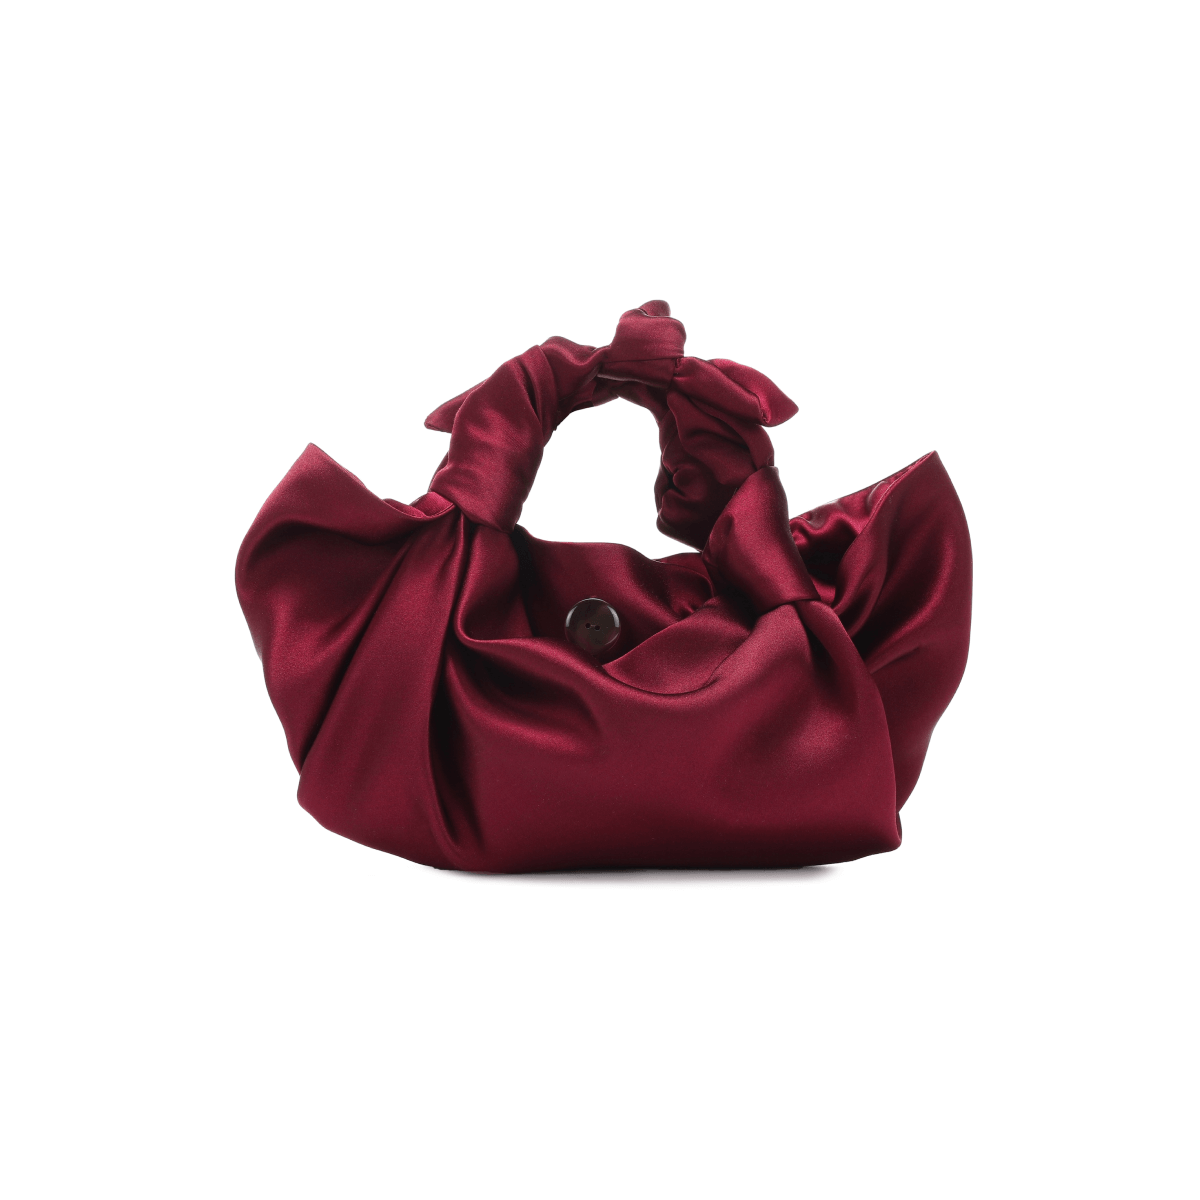 The Row Bag